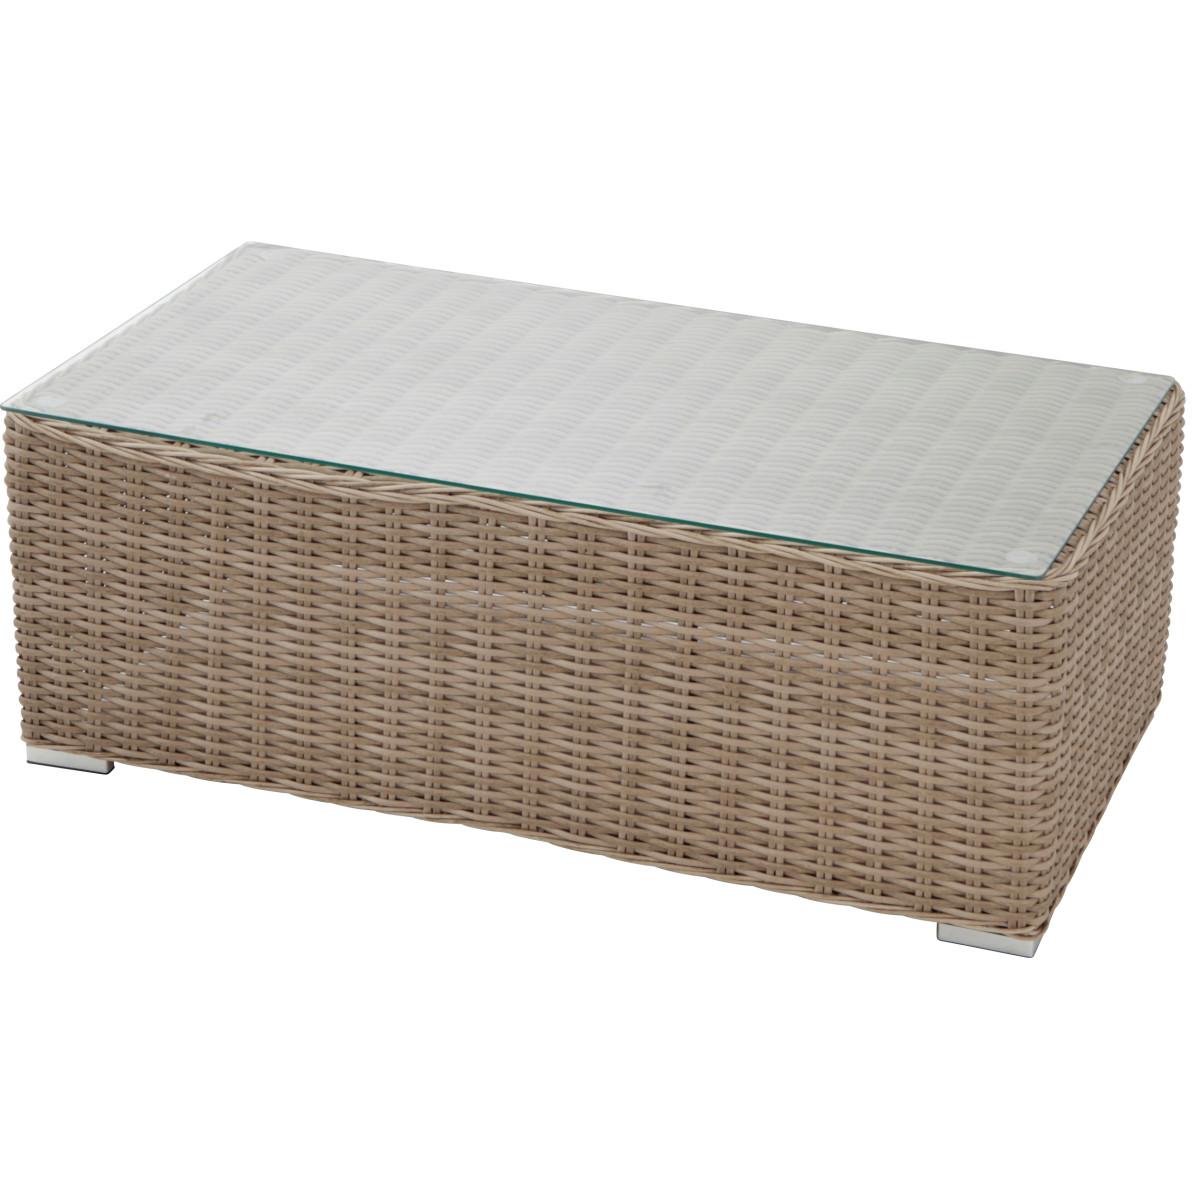 Стол садовый кофейный Alu 110x39.5 см алюминий/полиротанг цвет бежевый